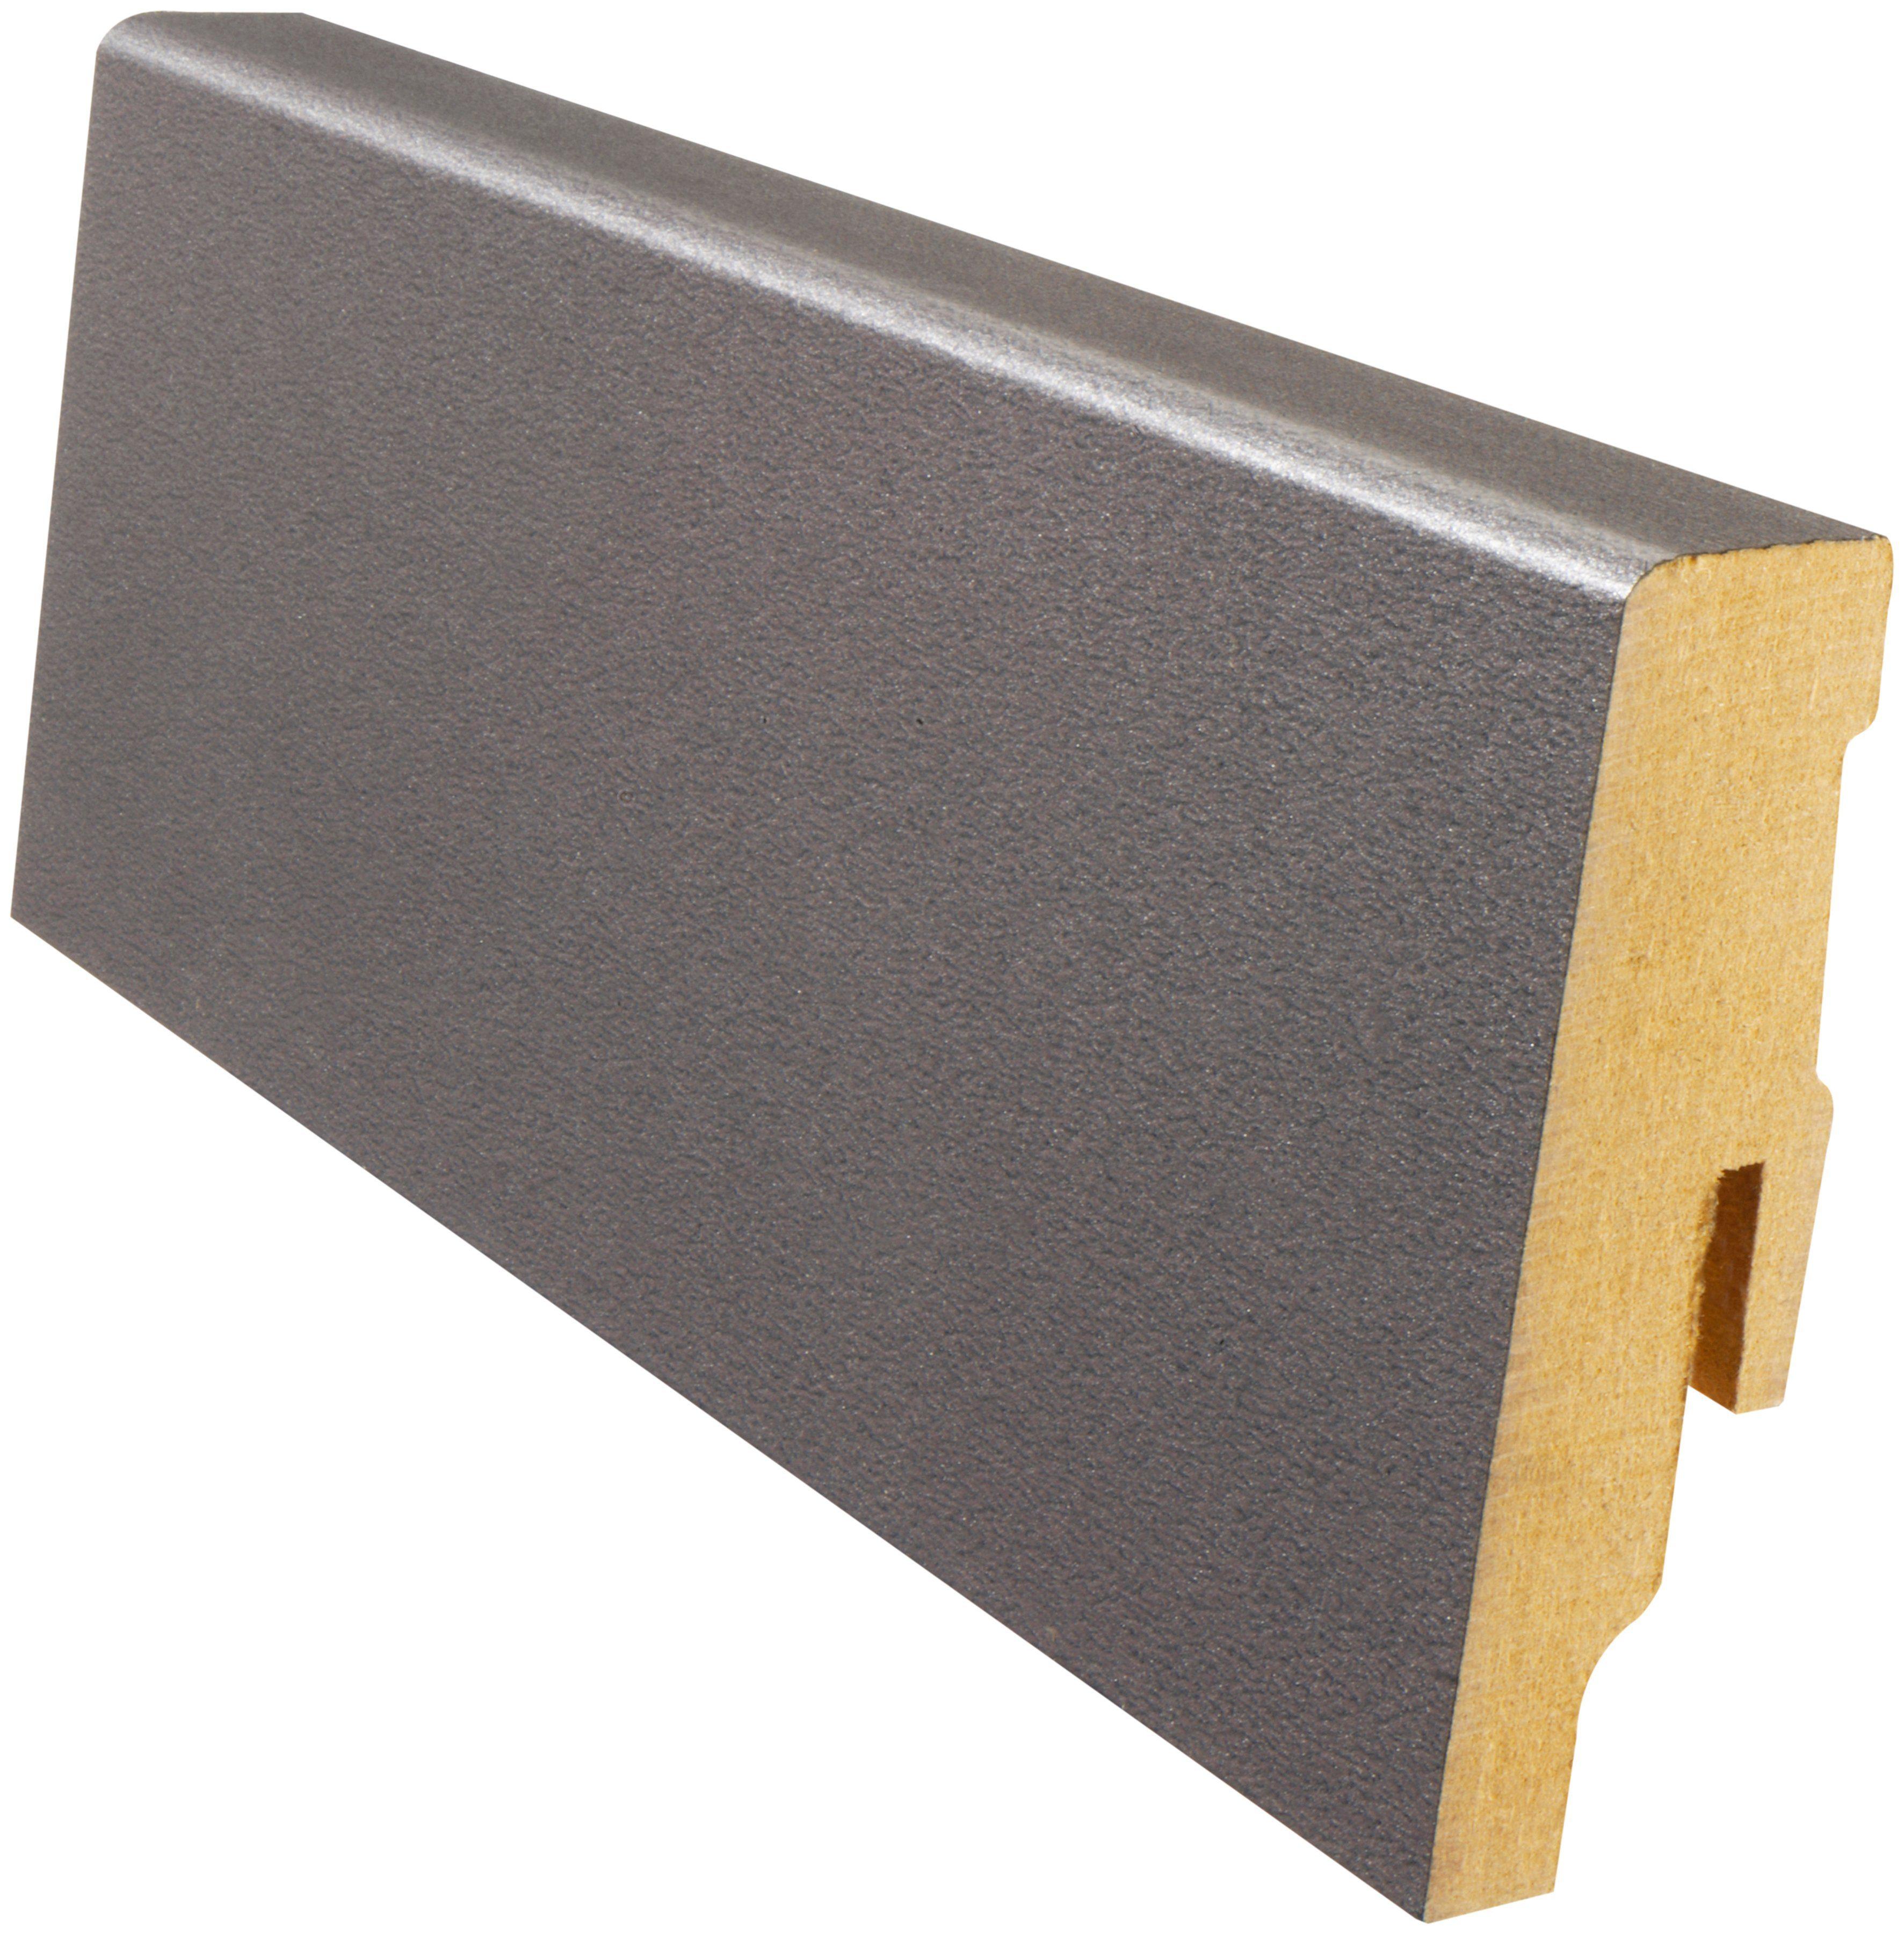 MODERNA Sockelleiste »Designfußleiste DFL 60 - Mangan«, 1 Stk., Höhe: 6 cm